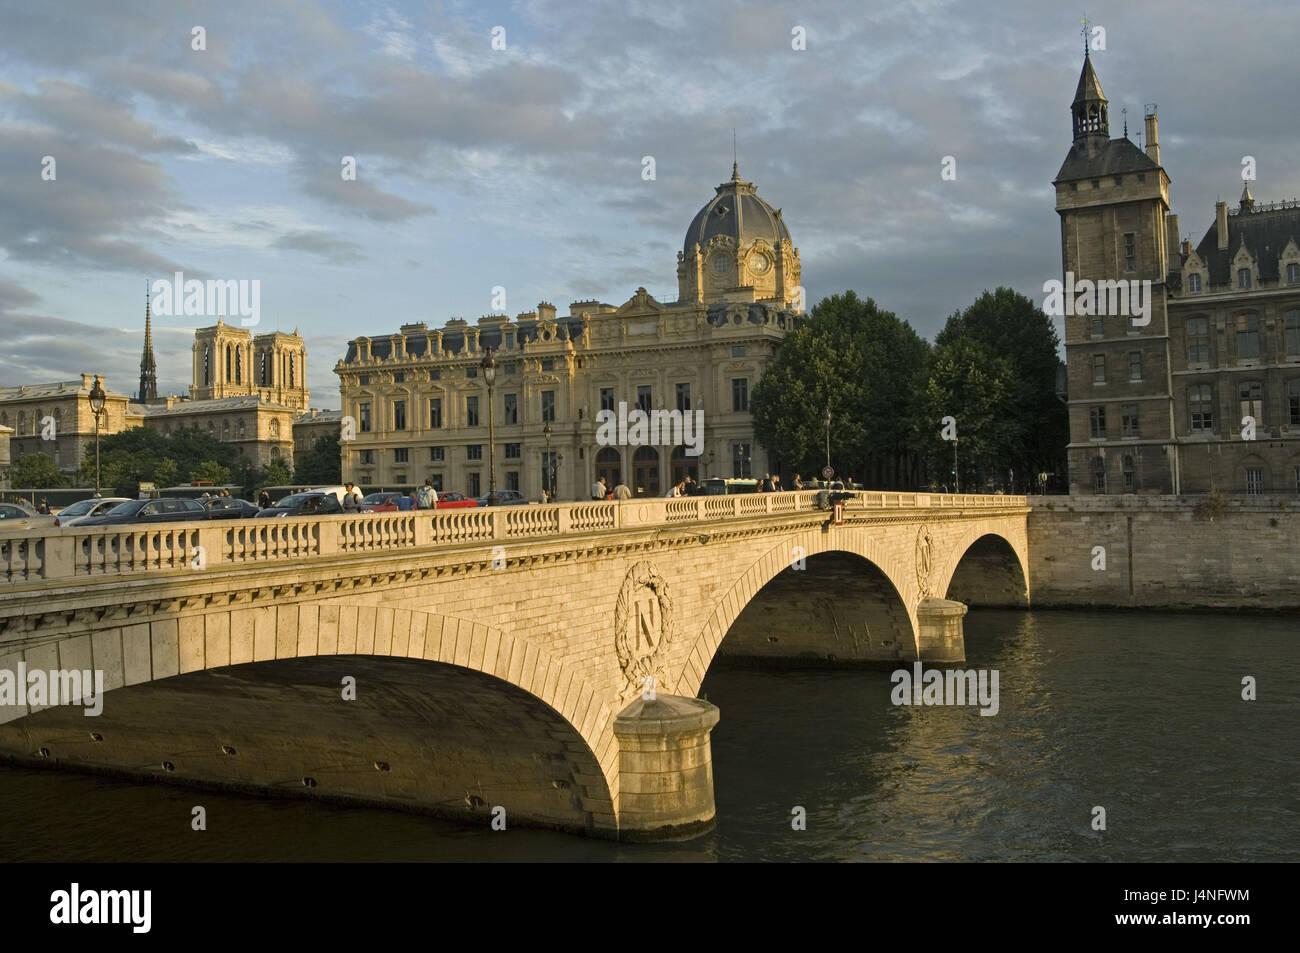 France, Paris, Pont ouch Change, commercial court, Conciergerie, Notre lady, sundown, - Stock Image